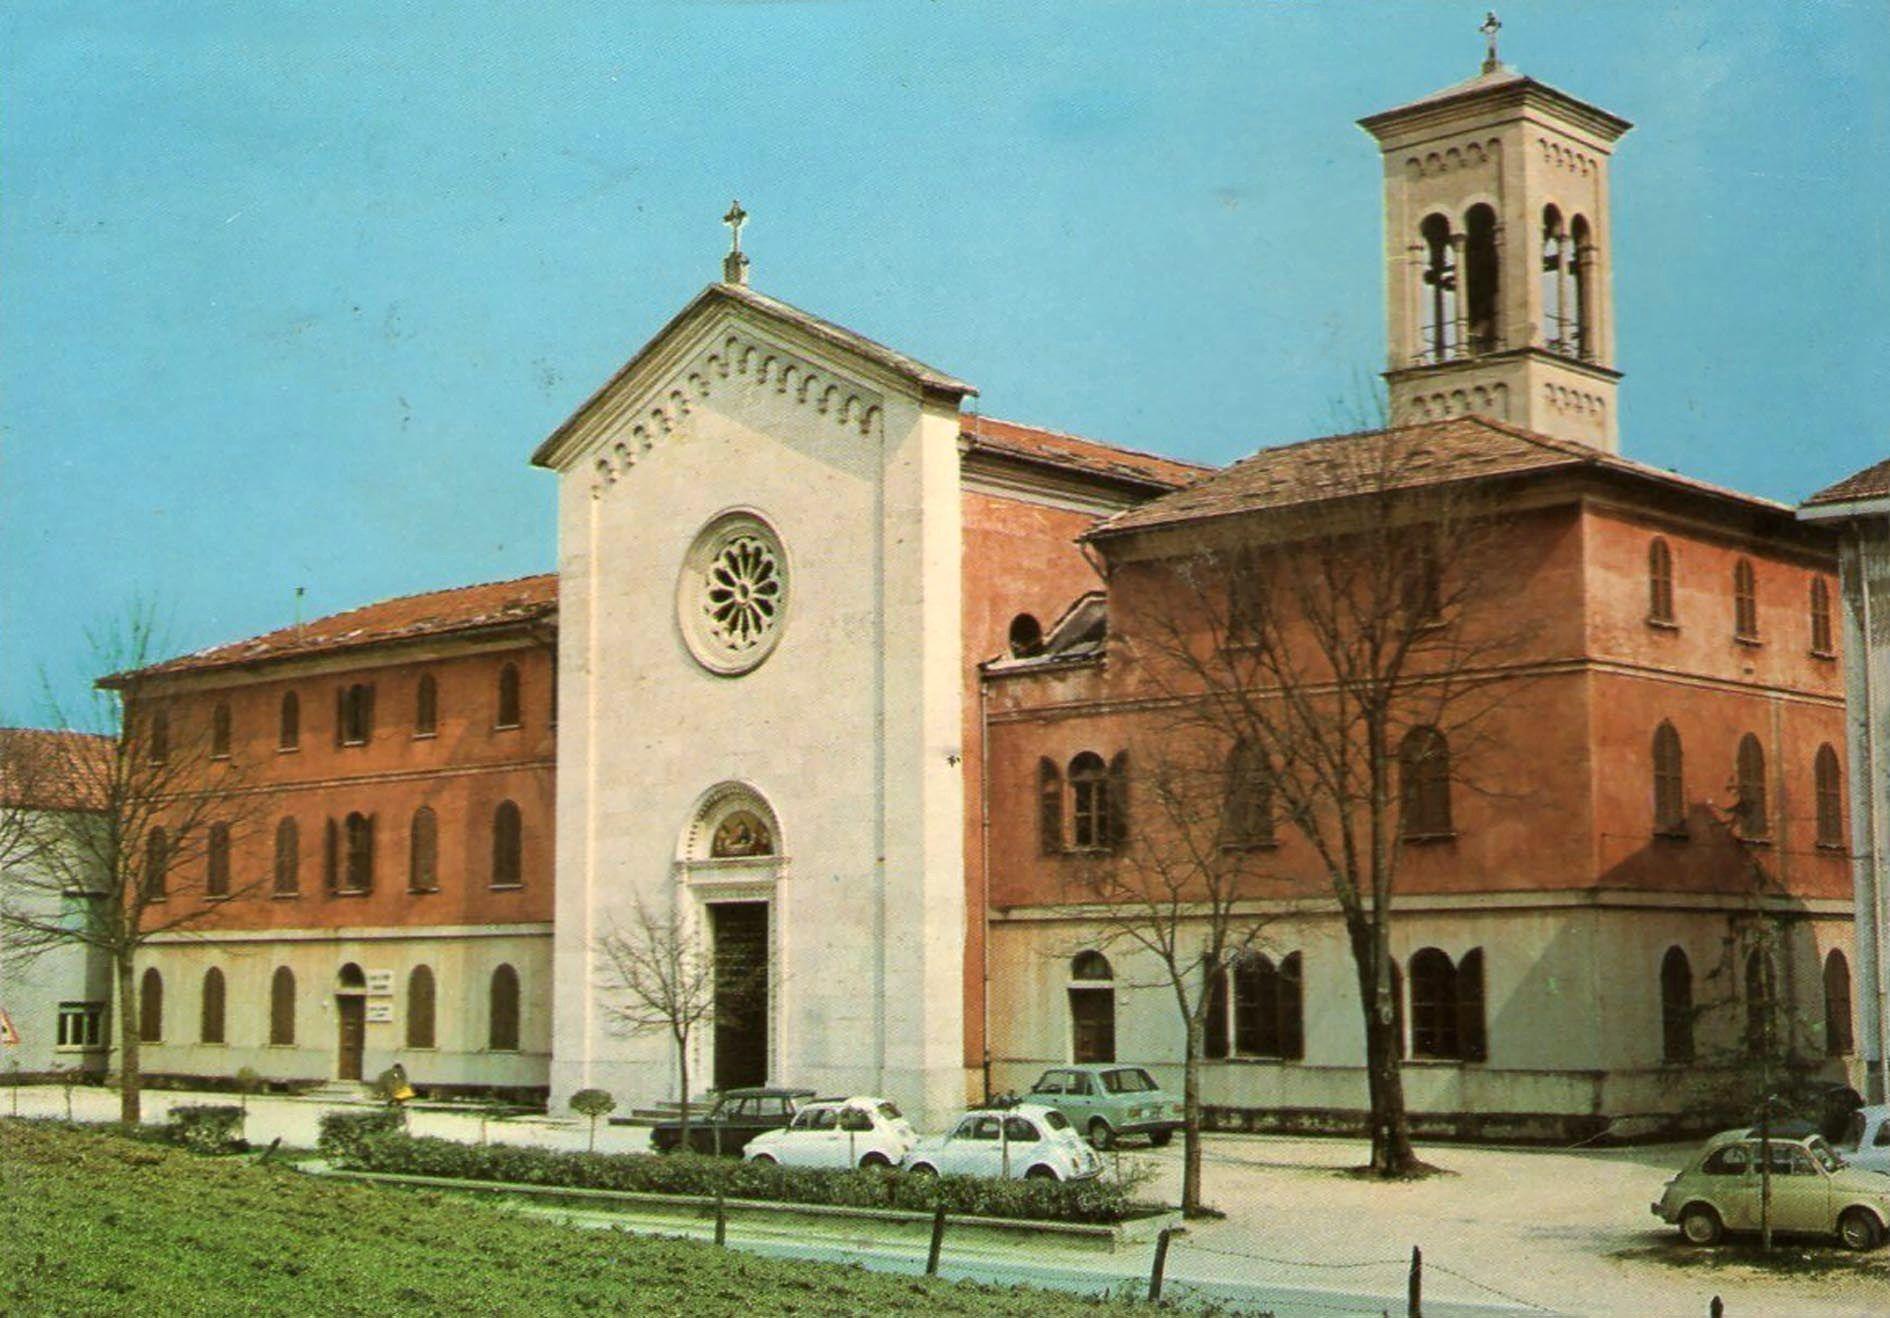 1980 - La chiesa parrocchiale di Bellisio Solfare